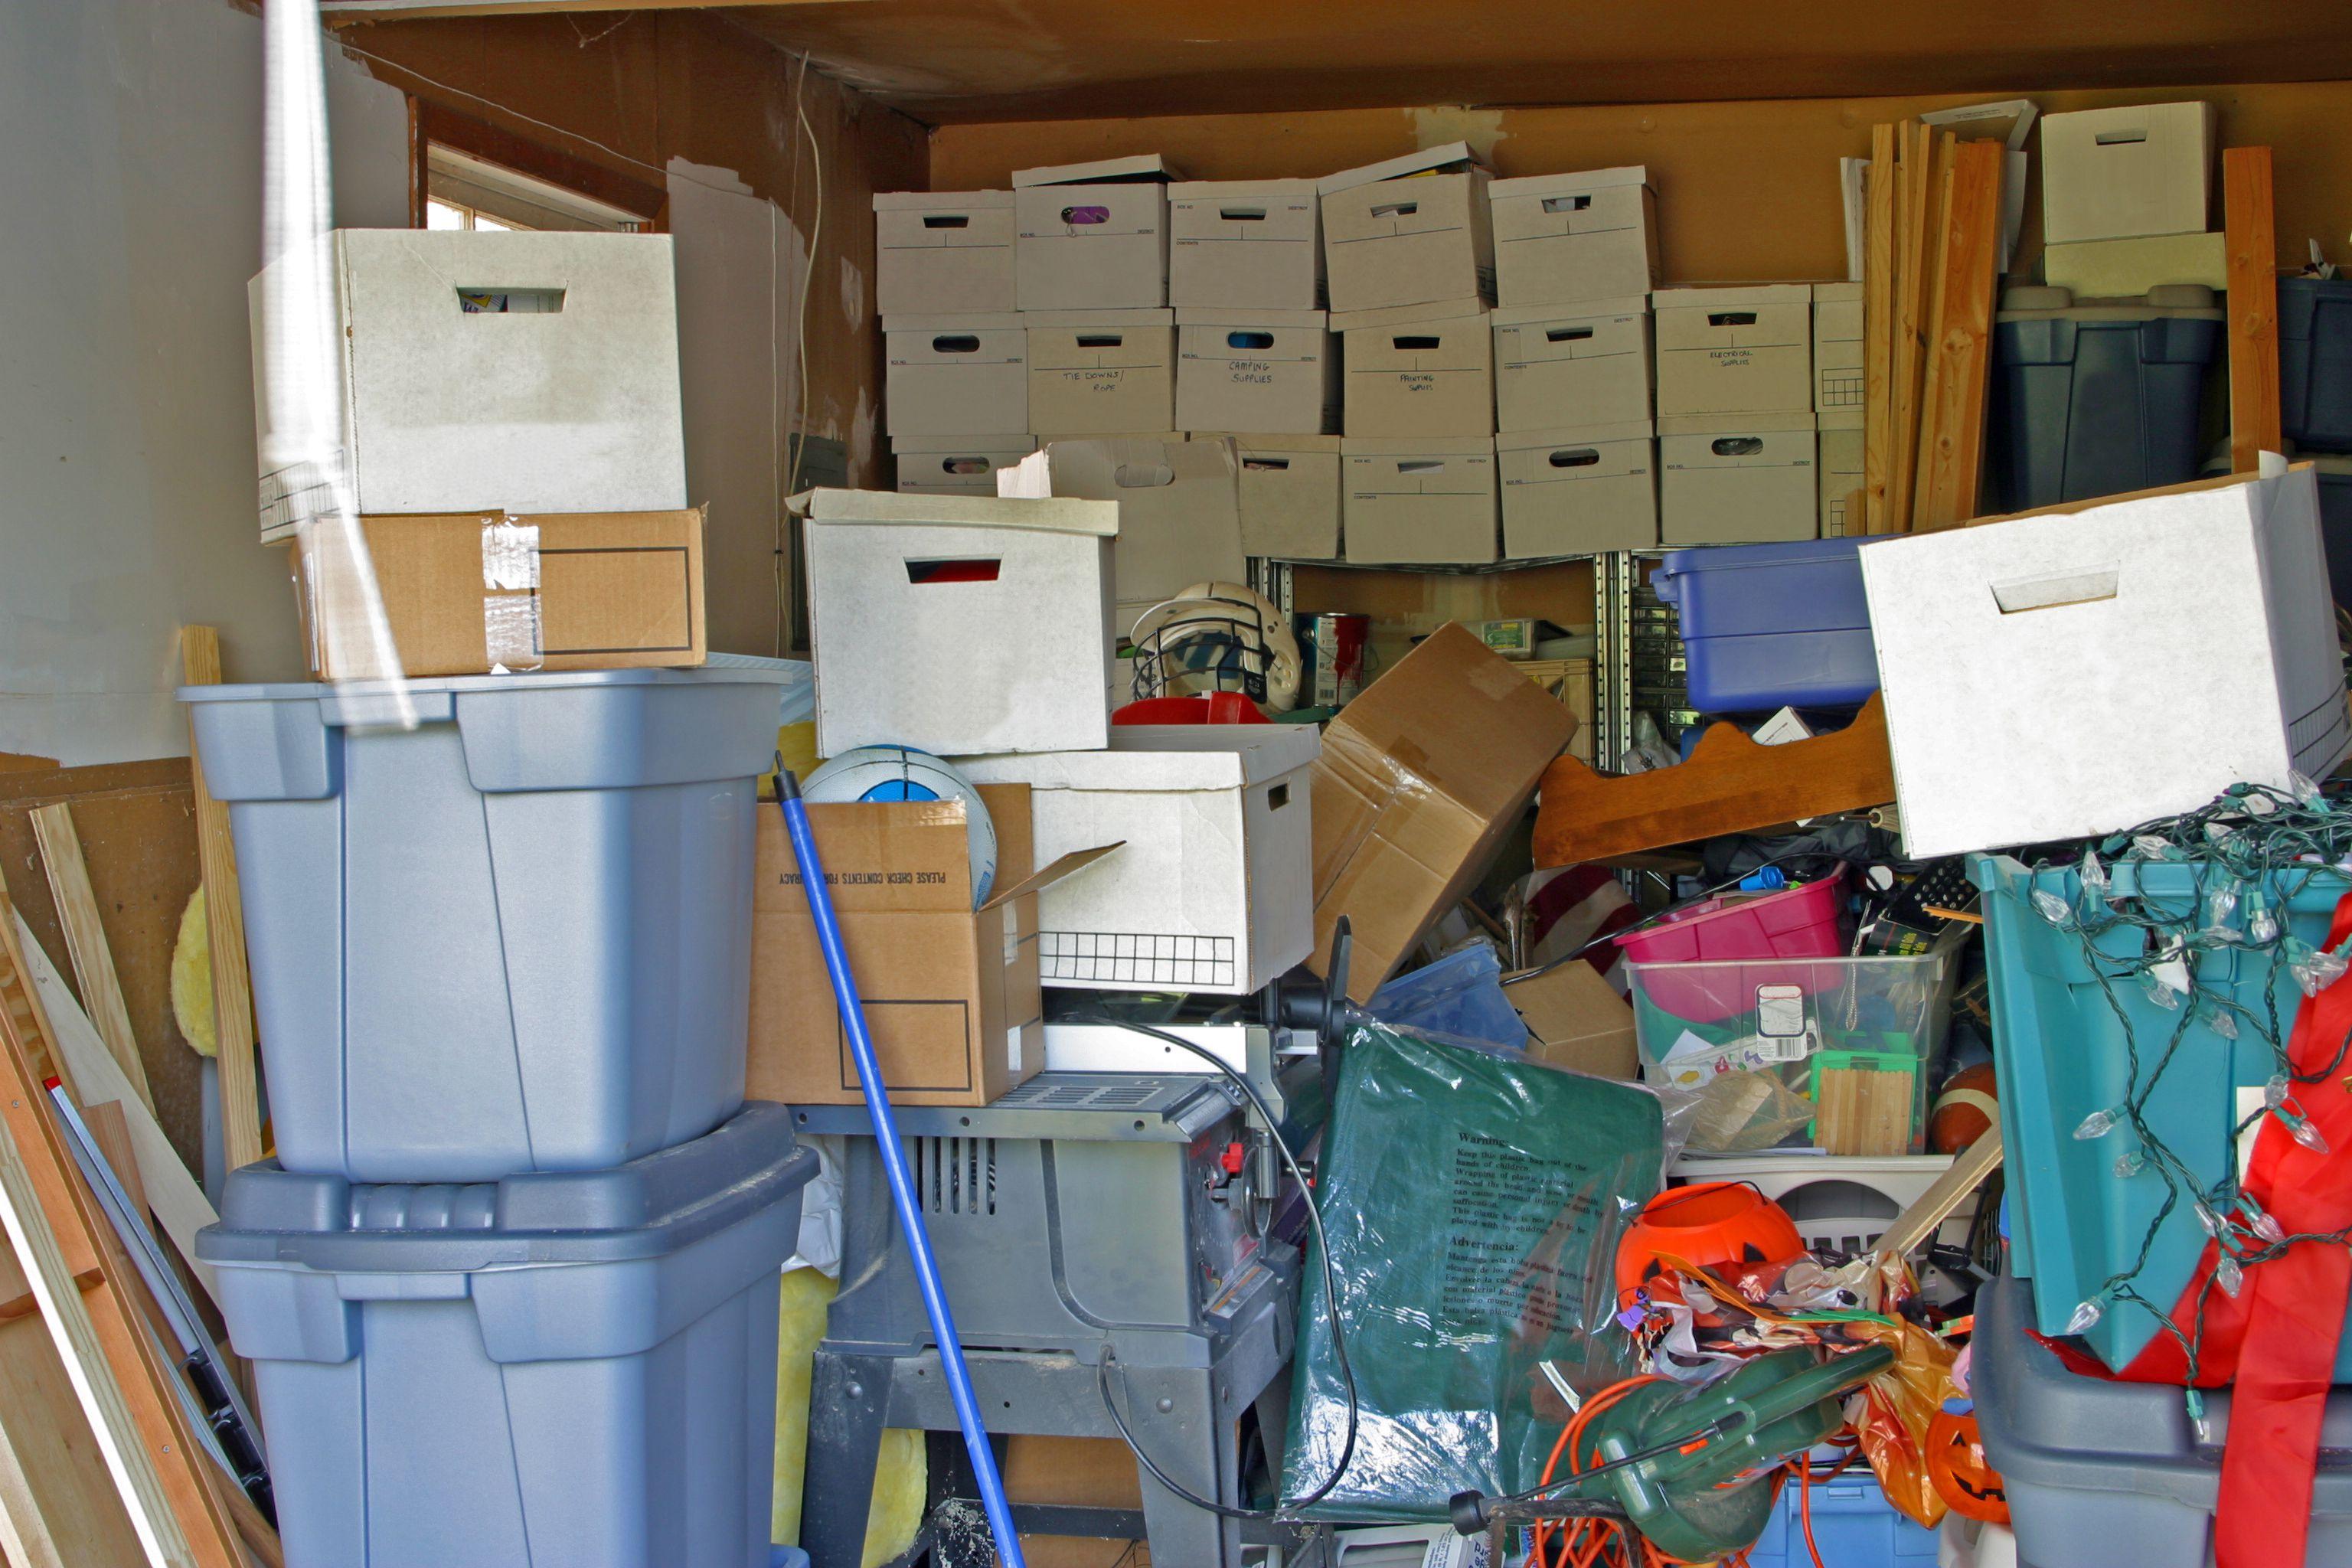 Garaje lleno de desorden que incluye cajas y luces de Navidad